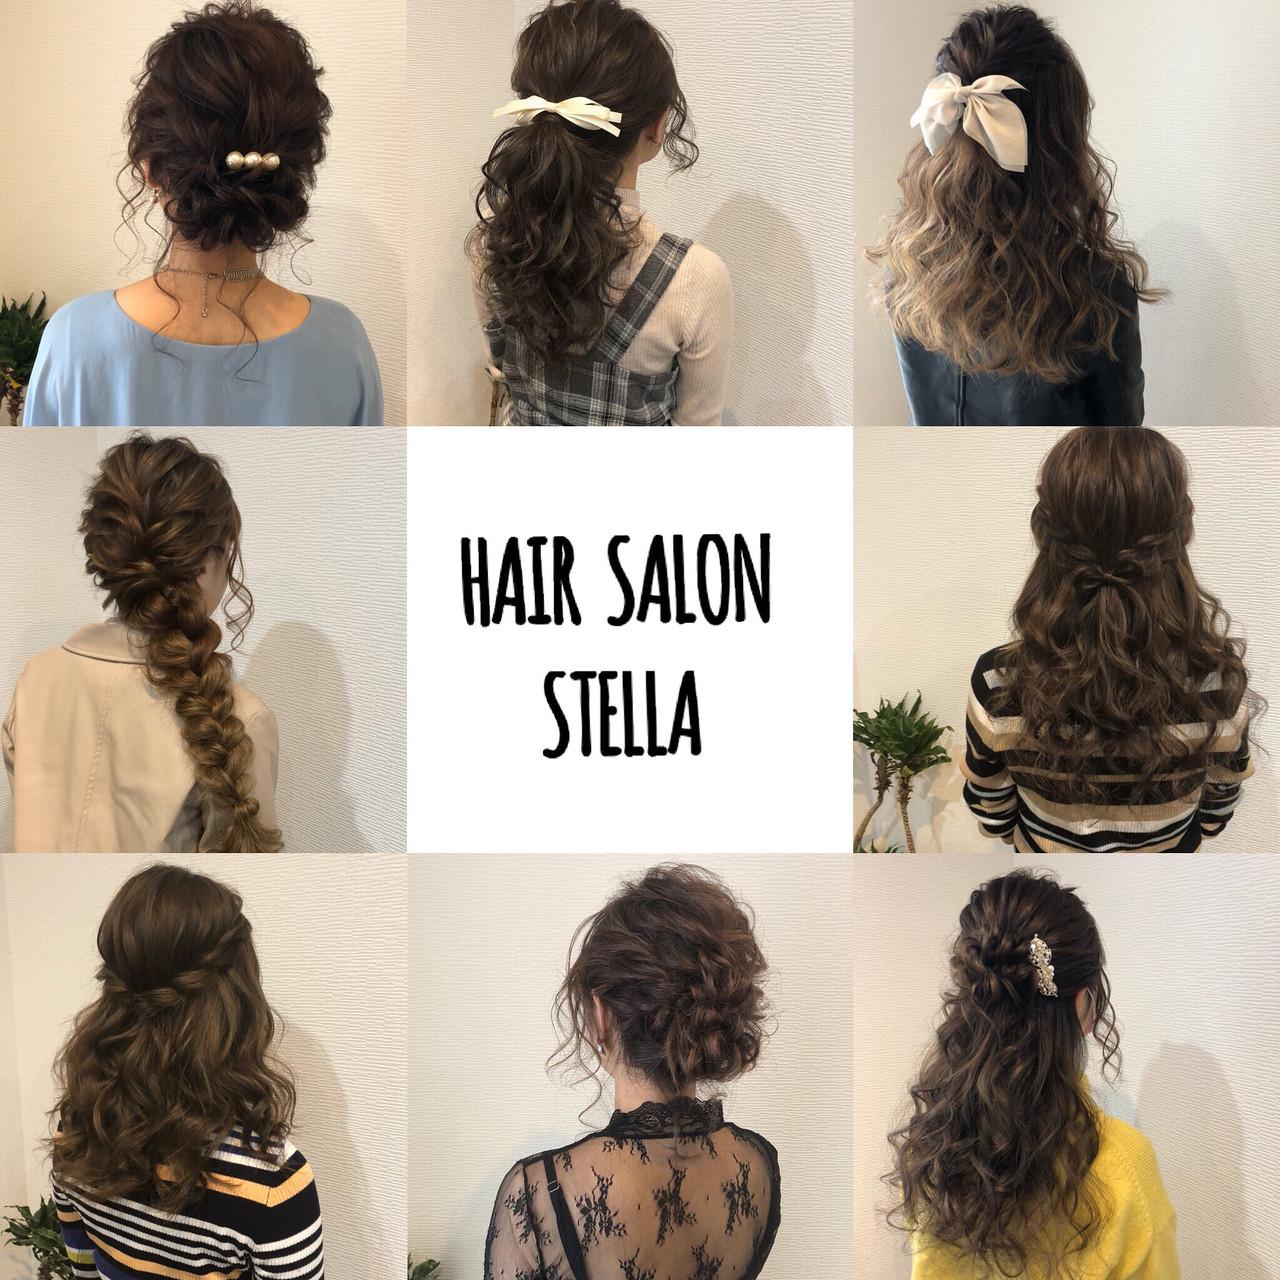 ハーフアップ ヘアアレンジ ヘアセット 編み込み ヘアスタイルや髪型の写真・画像 | mai / HAIR SALON STELLA